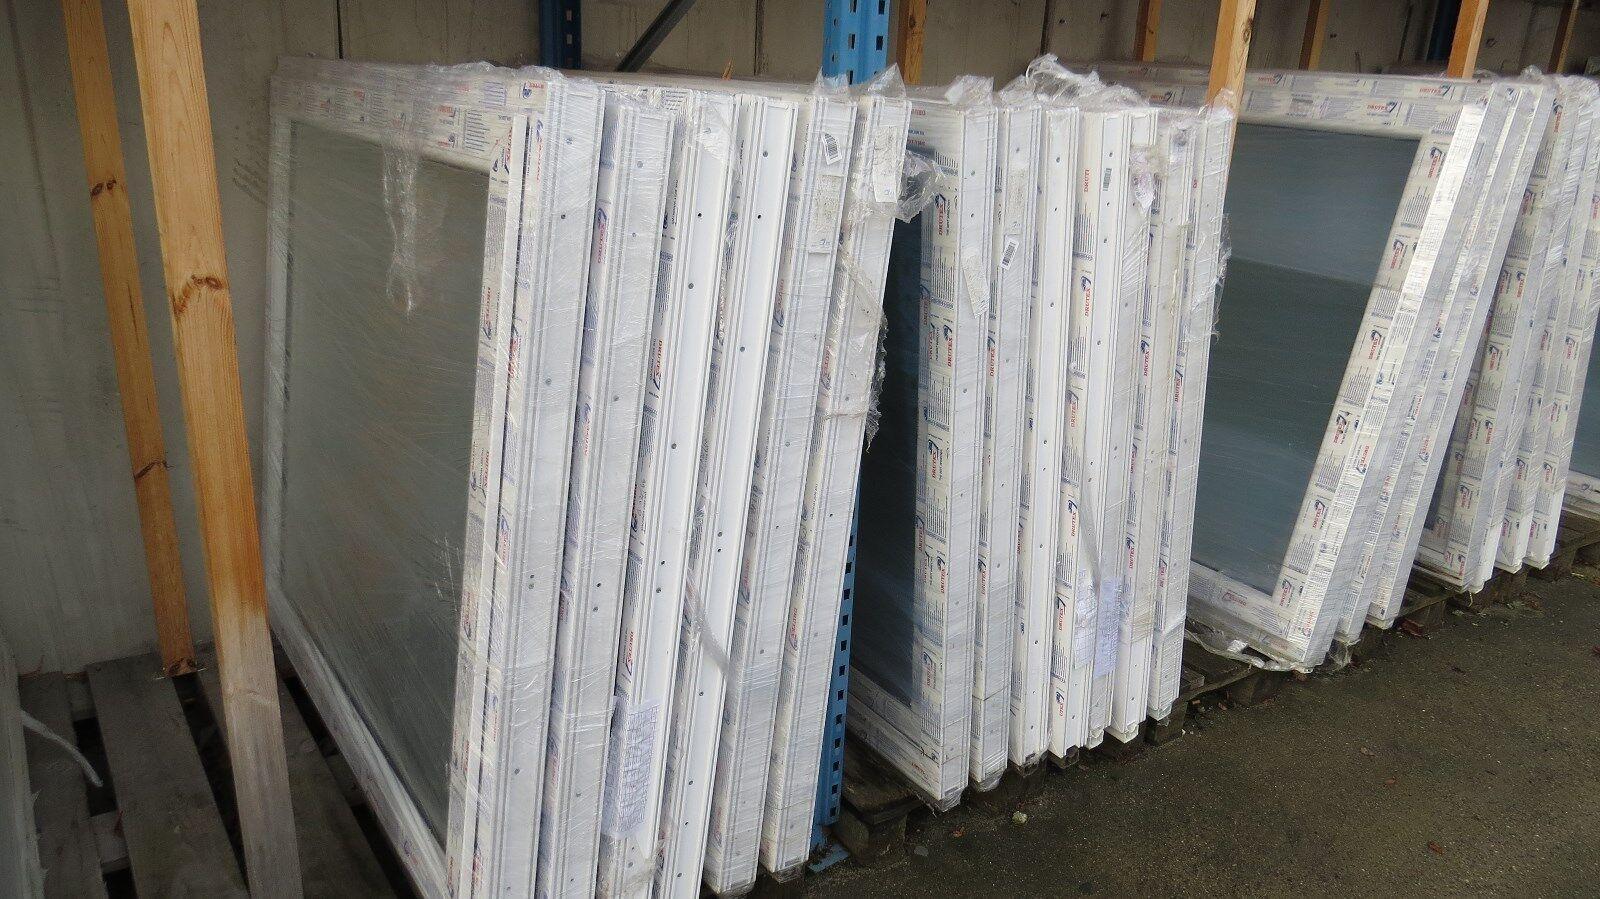 Kunststofffenster Fenster kaufen 900 mm breit Thermopen Thermopenverglasung